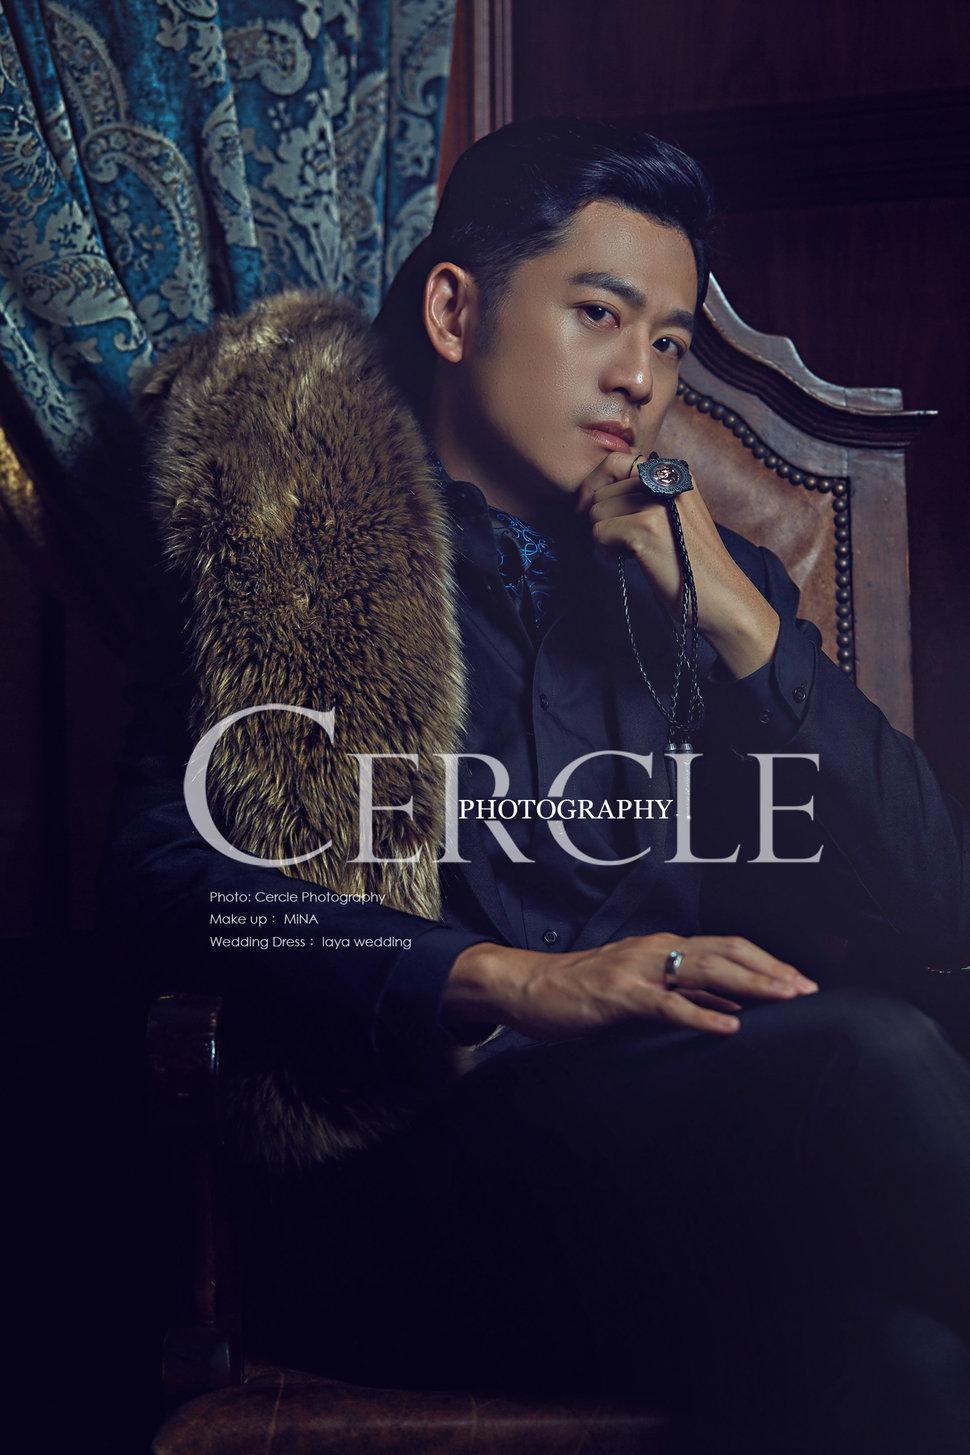 06 - CERCLE工作室-婚攝小喬 女攝影師《結婚吧》